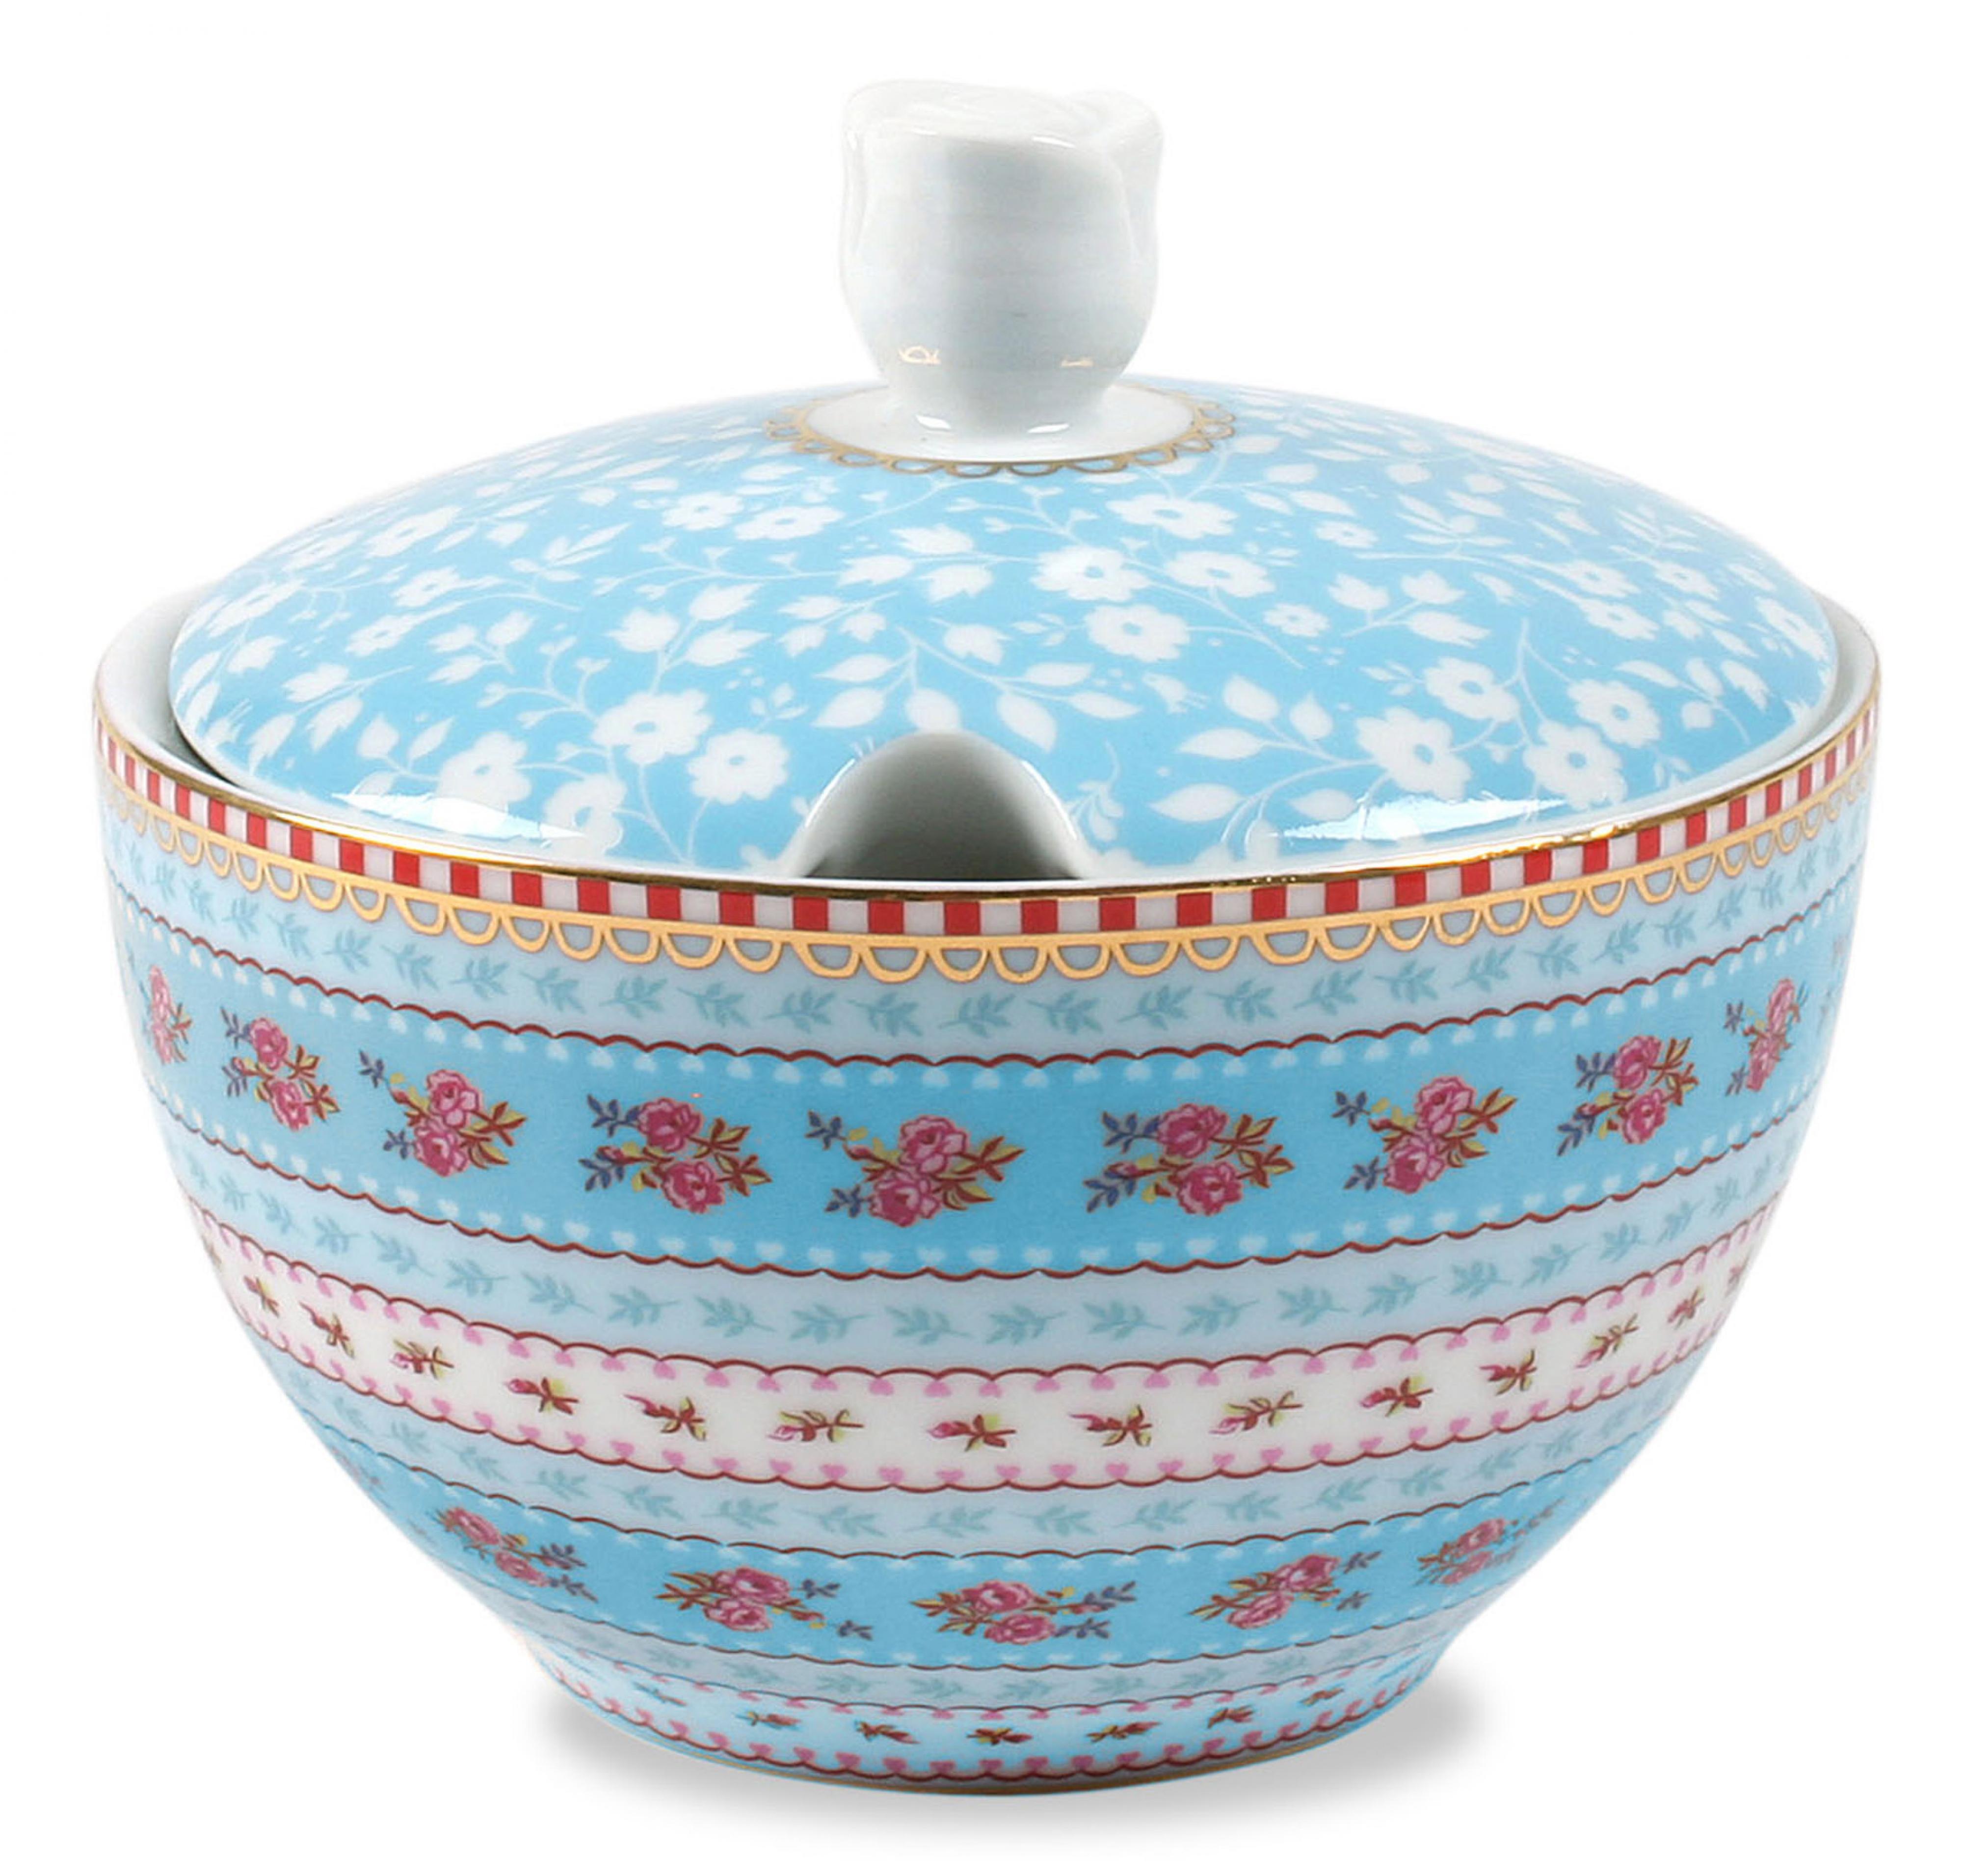 Сахарница PiP Studio Floral, цвет: голубой, 300 мл